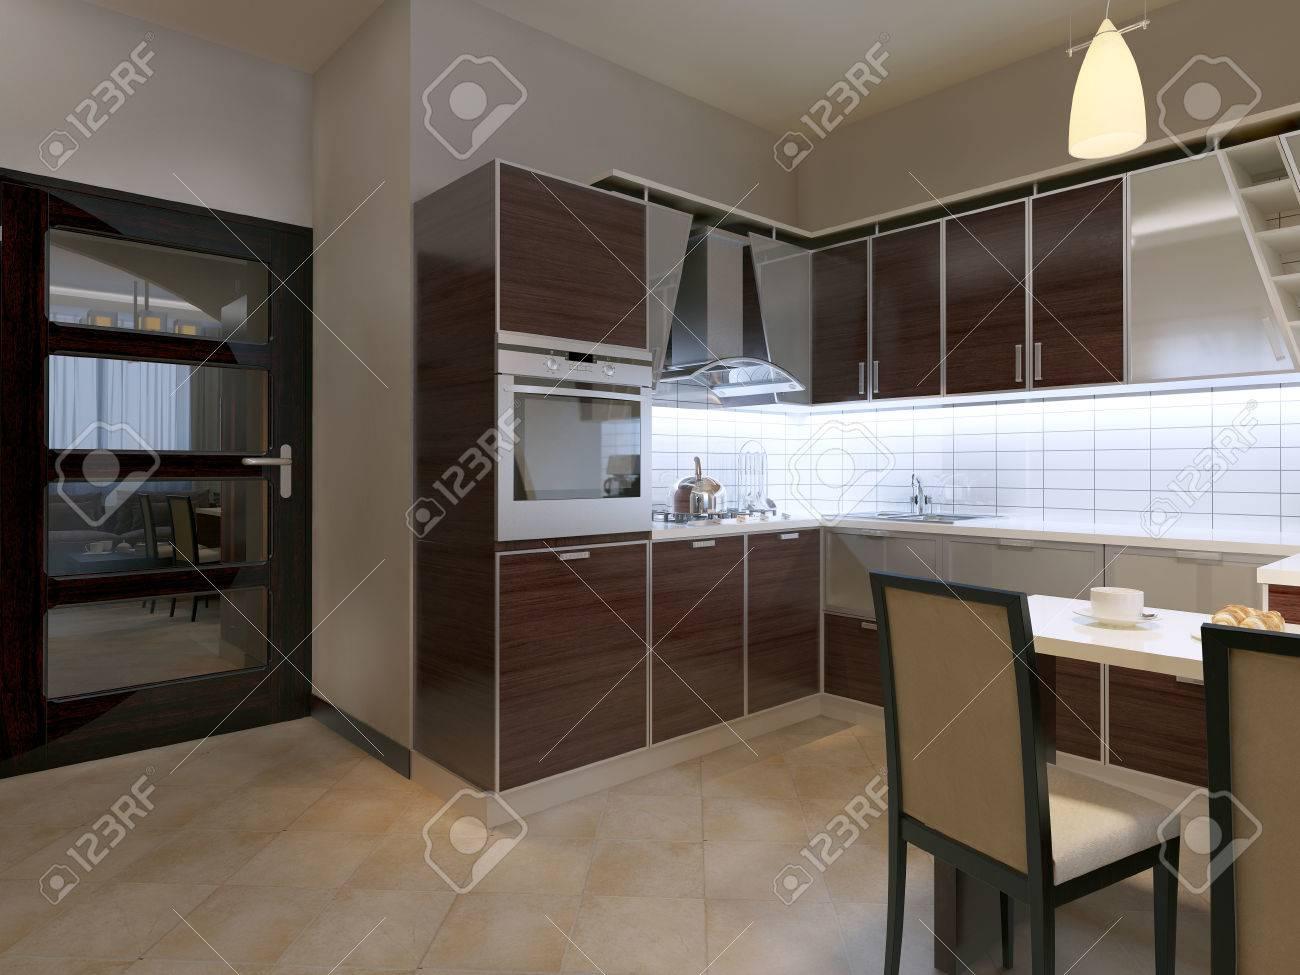 Cucina In Stile Contemporaneo. Scuro Cucina Marrone Con Inserti In ...